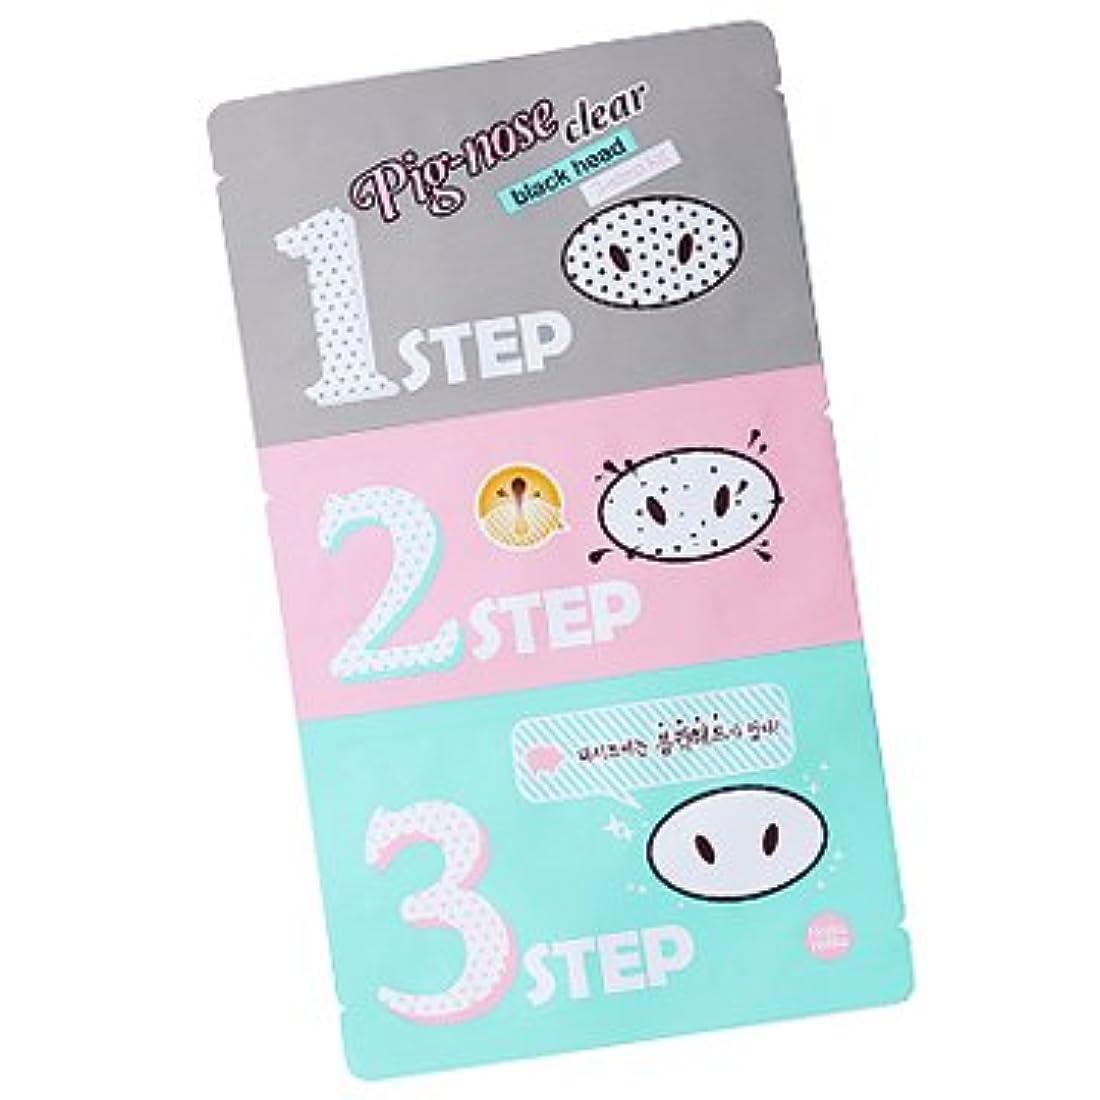 言い聞かせる平手打ちボーカルHolika Holika Pig Nose Clear Black Head 3-Step Kit 5EA (Nose Pack) ホリカホリカ ピグノーズクリアブラックヘッド3-Stepキット(鼻パック) 5pcs...